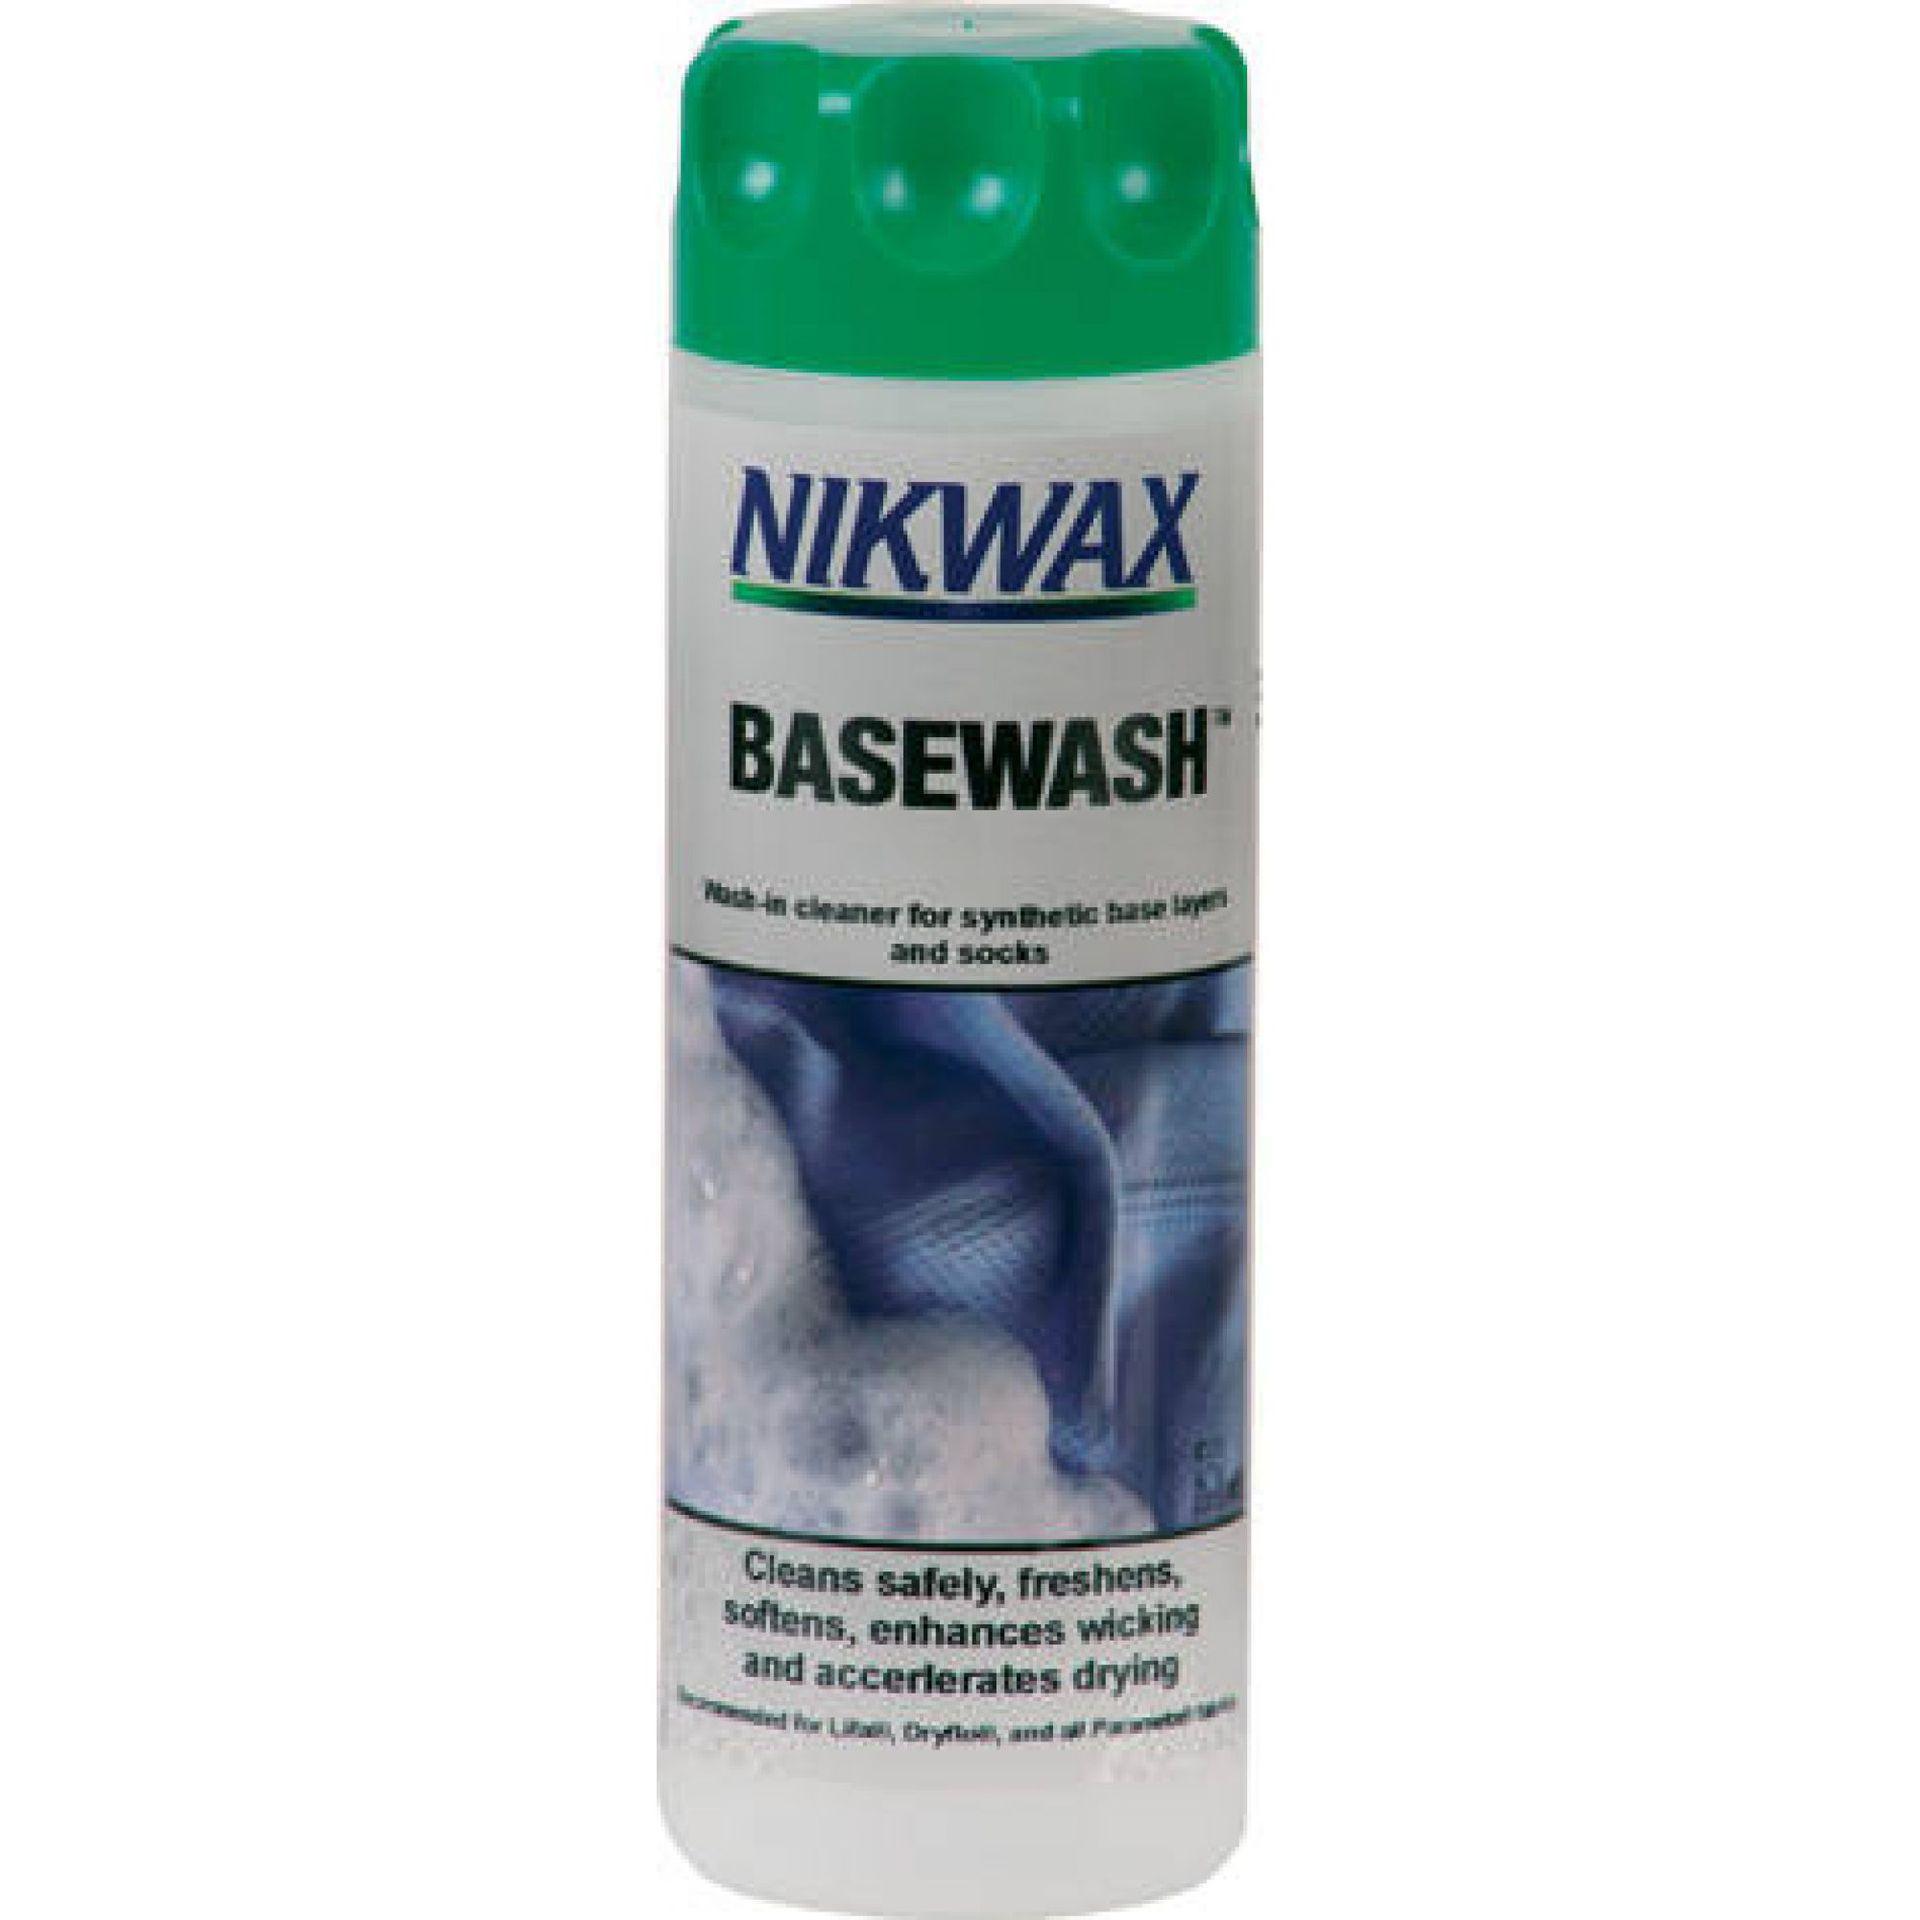 ŚRODEK CZYSZCZĄCY NIKWAX BASE WASH 1